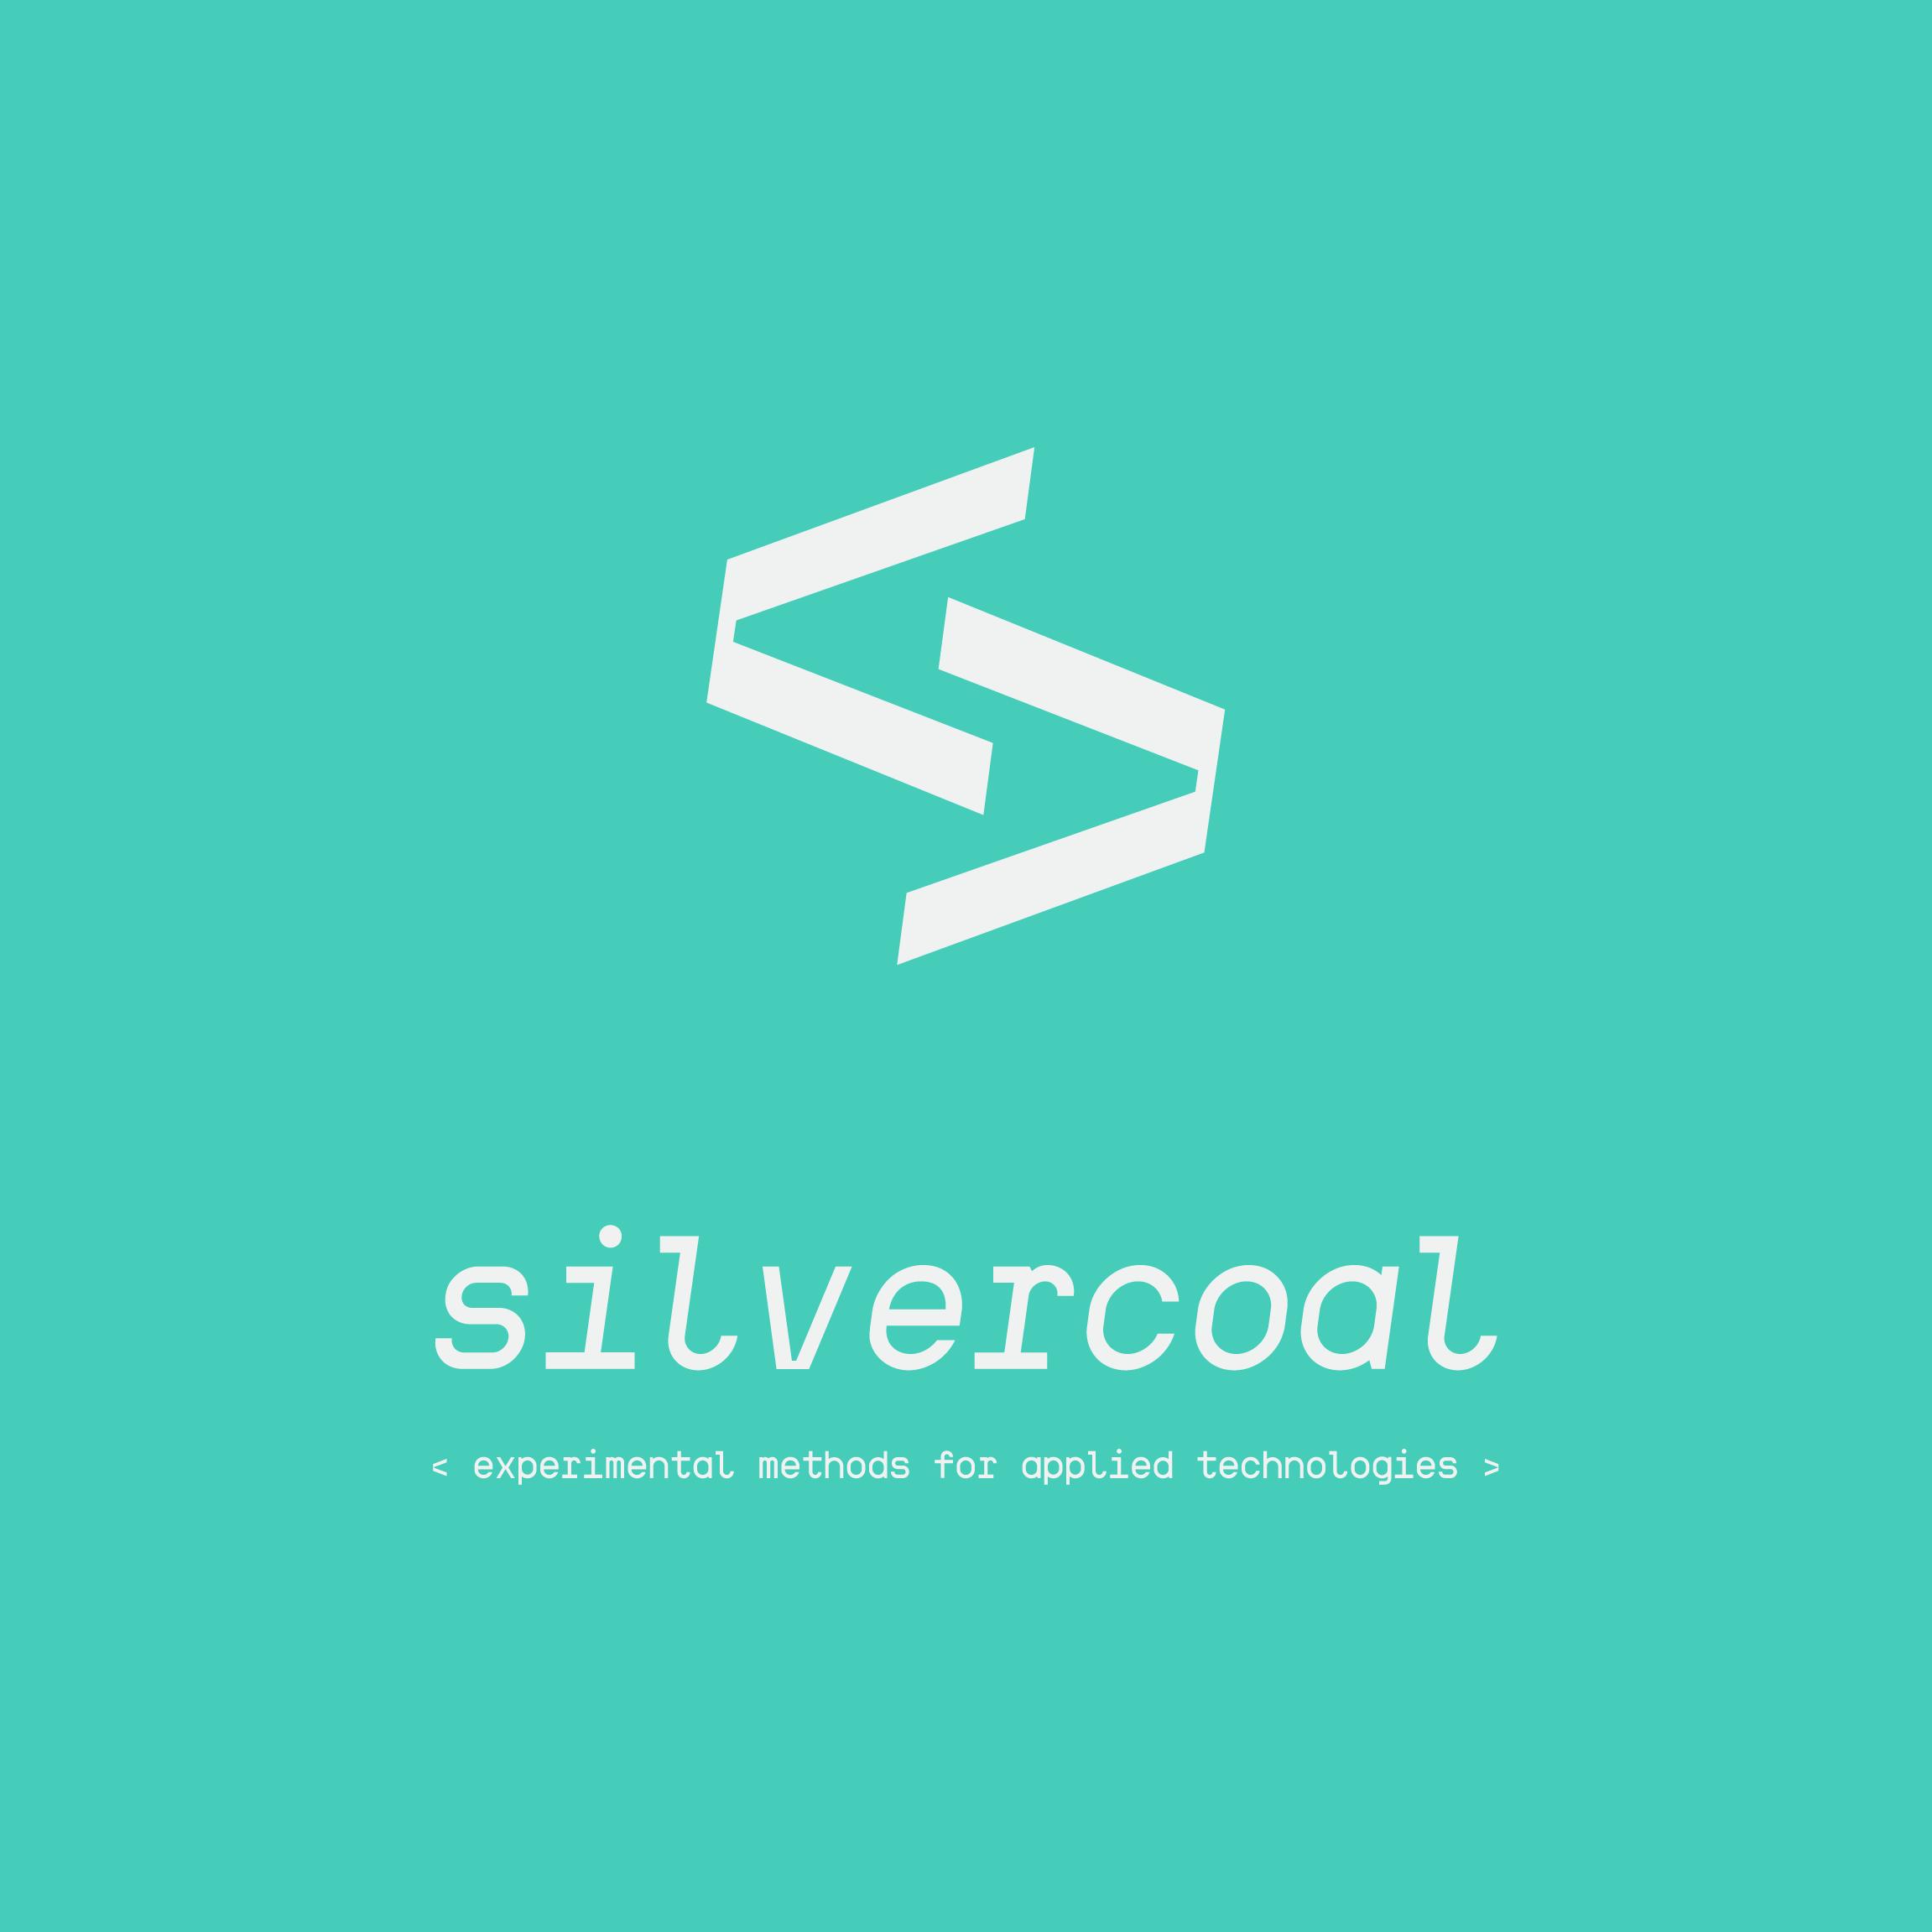 Silvercoal | Leggi le recensioni dei servizi di silvercoal.it